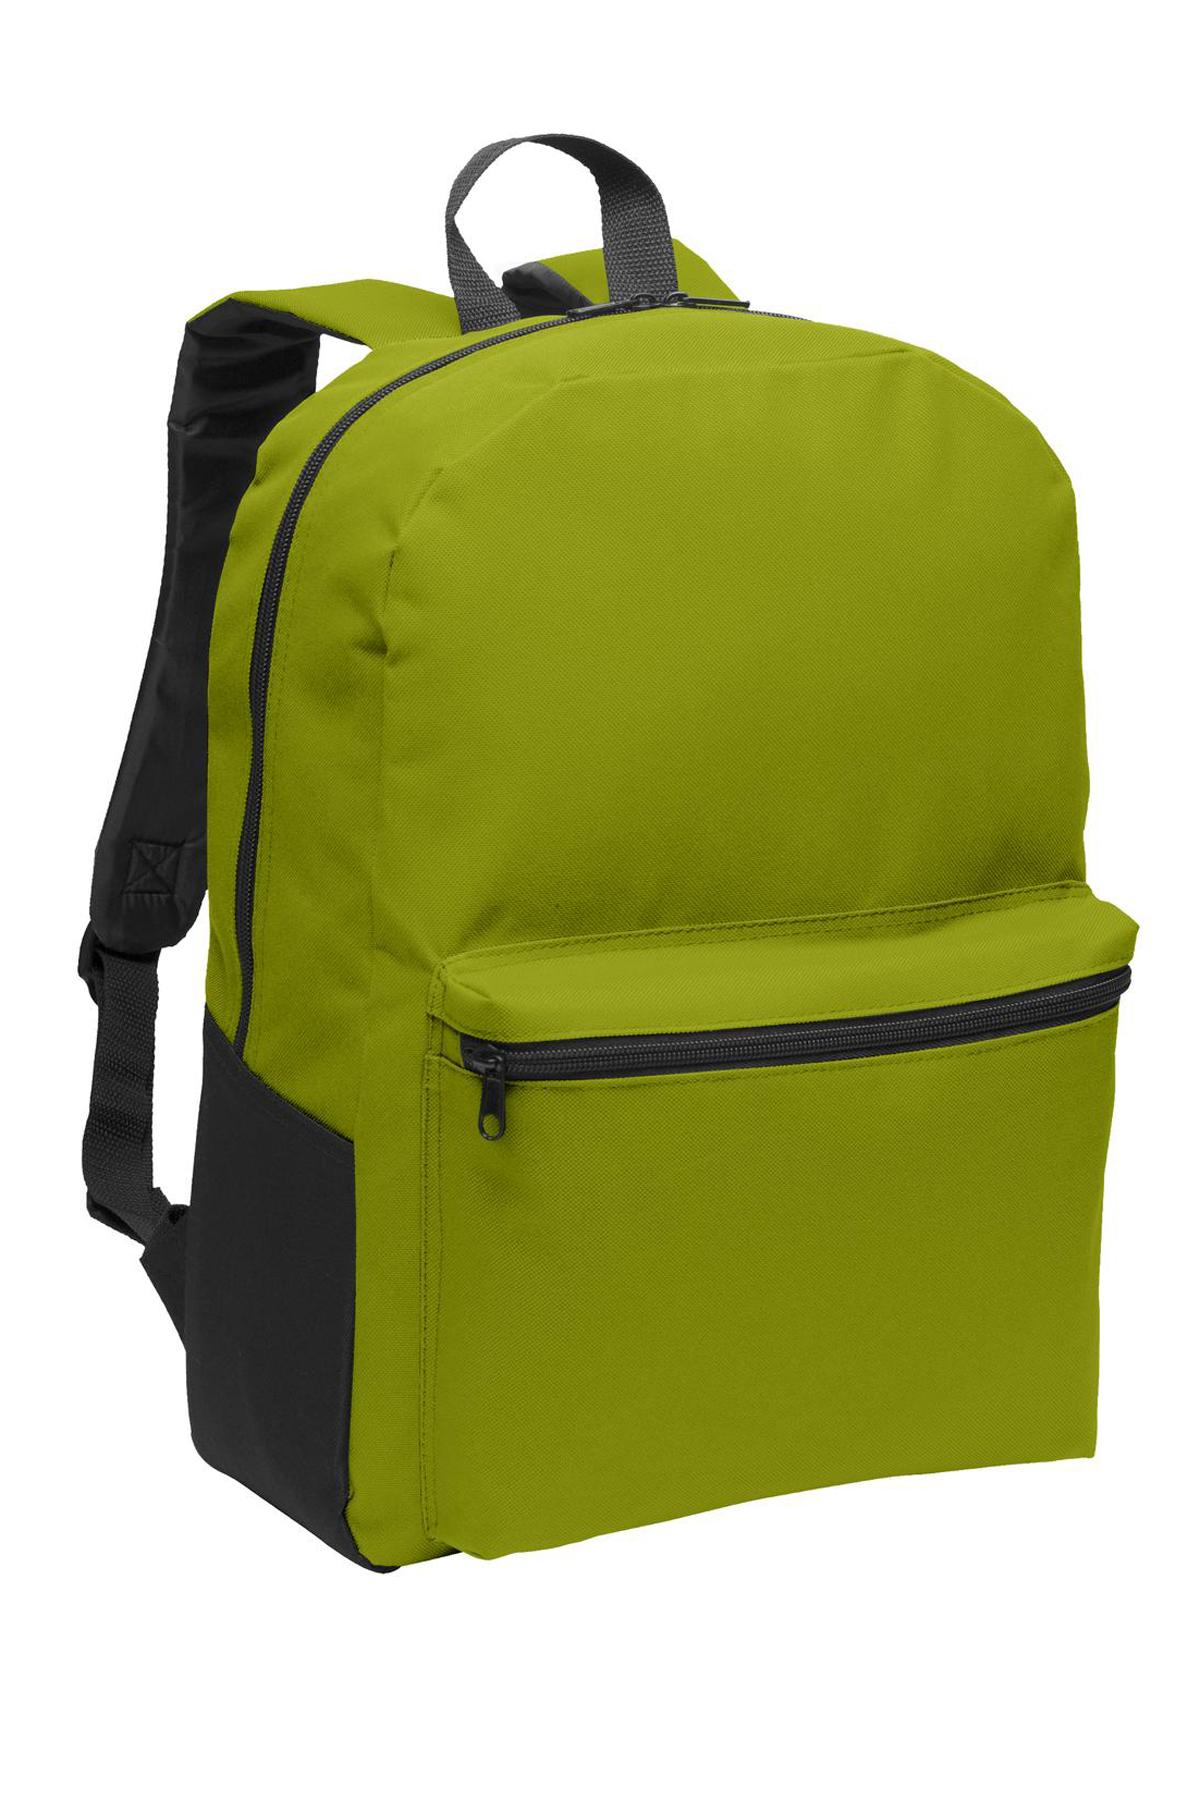 Bags-Backpacks-27